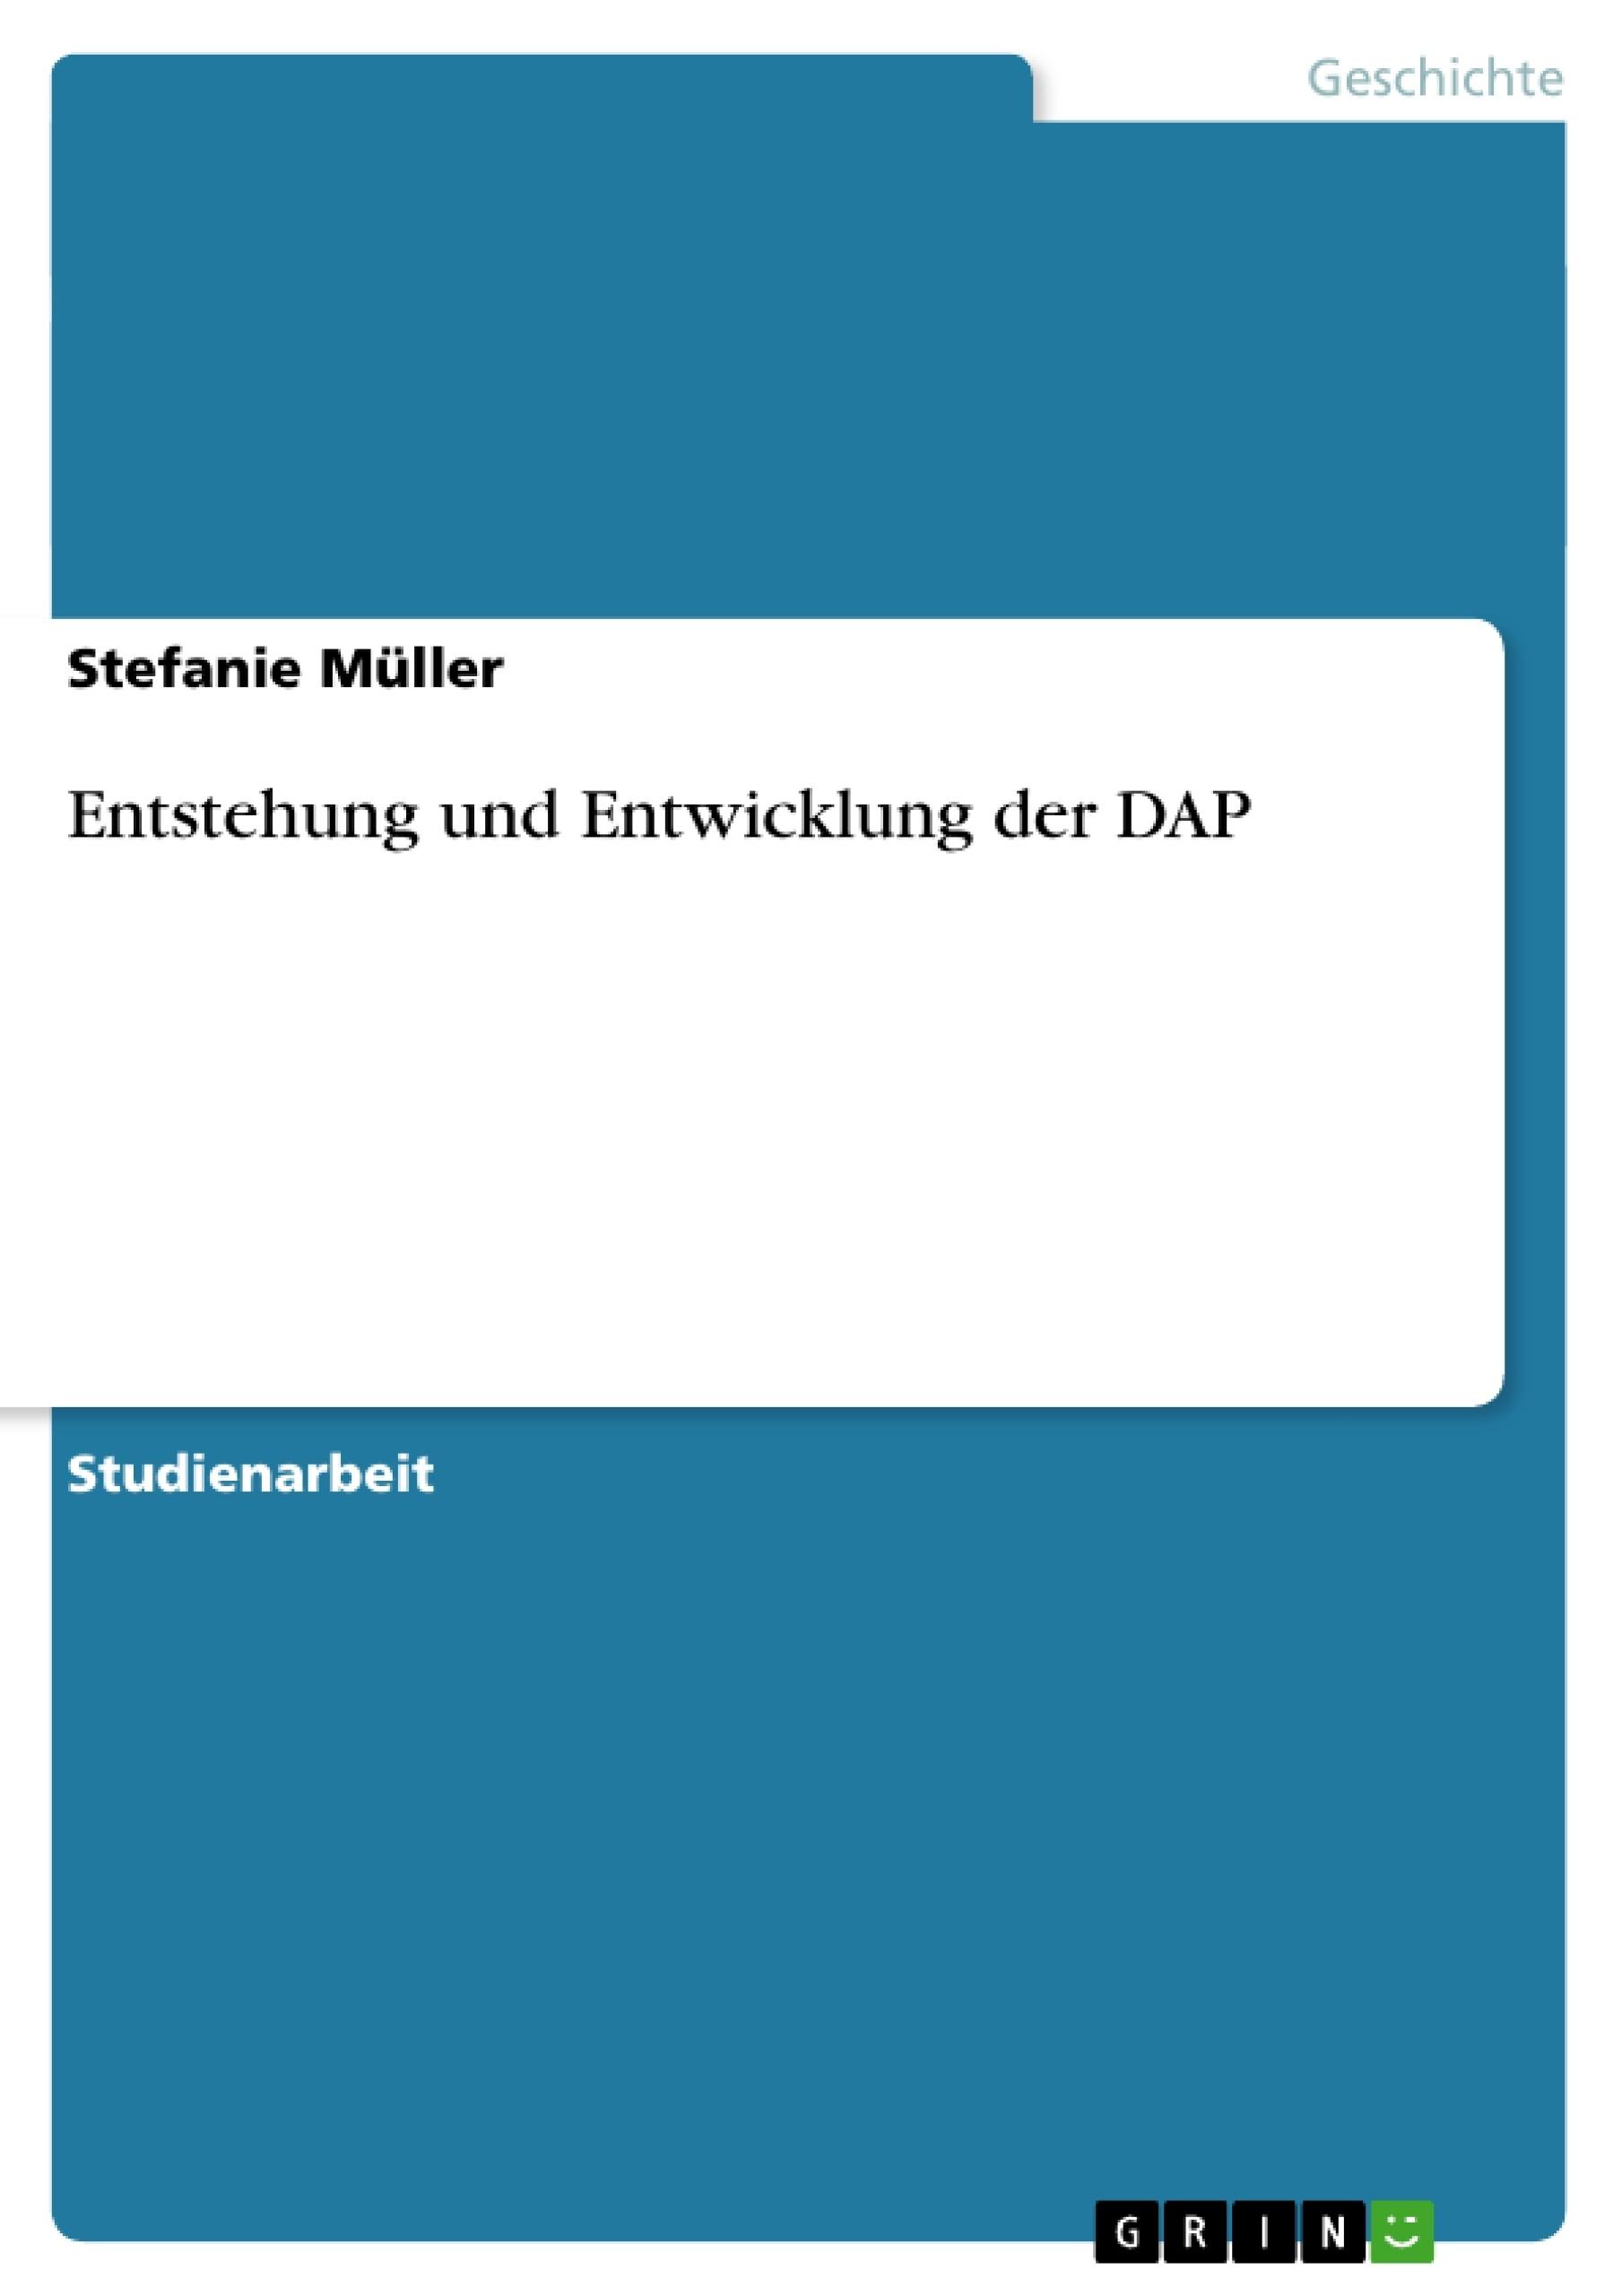 Titel: Entstehung und Entwicklung der DAP